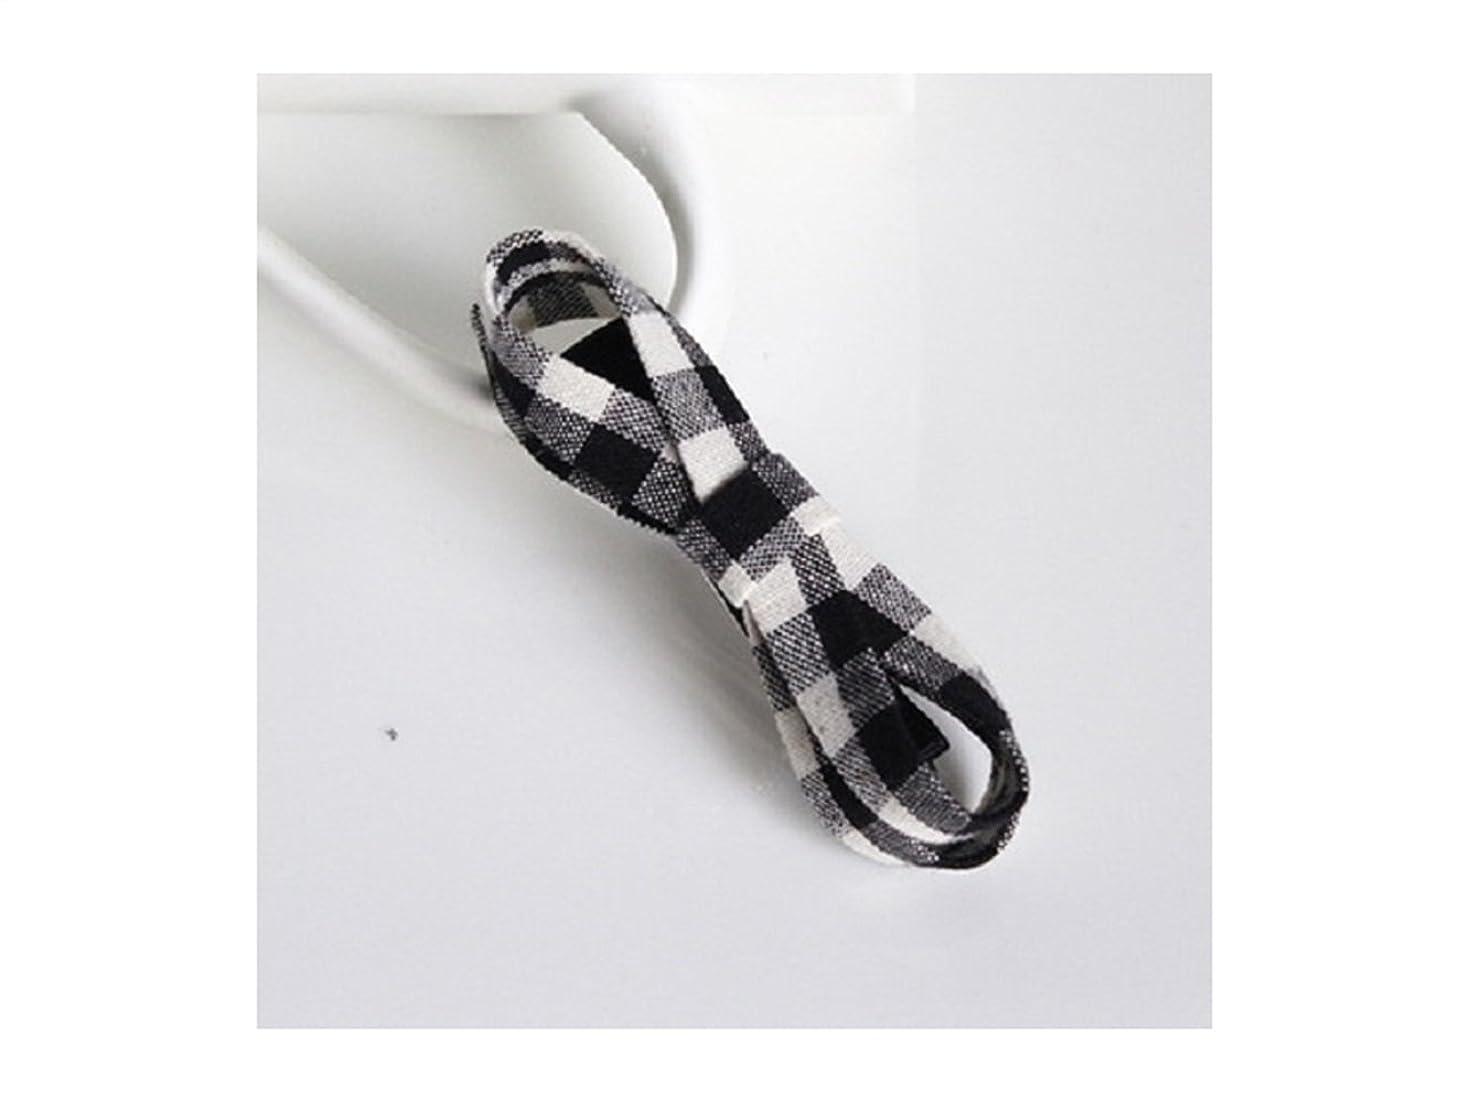 カウンタ関係レンズOsize 美しいスタイル ボウヘアアクセサリーヘッドドレスマルチレイヤーファブリックサイドクリップヘアピン(ブラック+ホワイト)